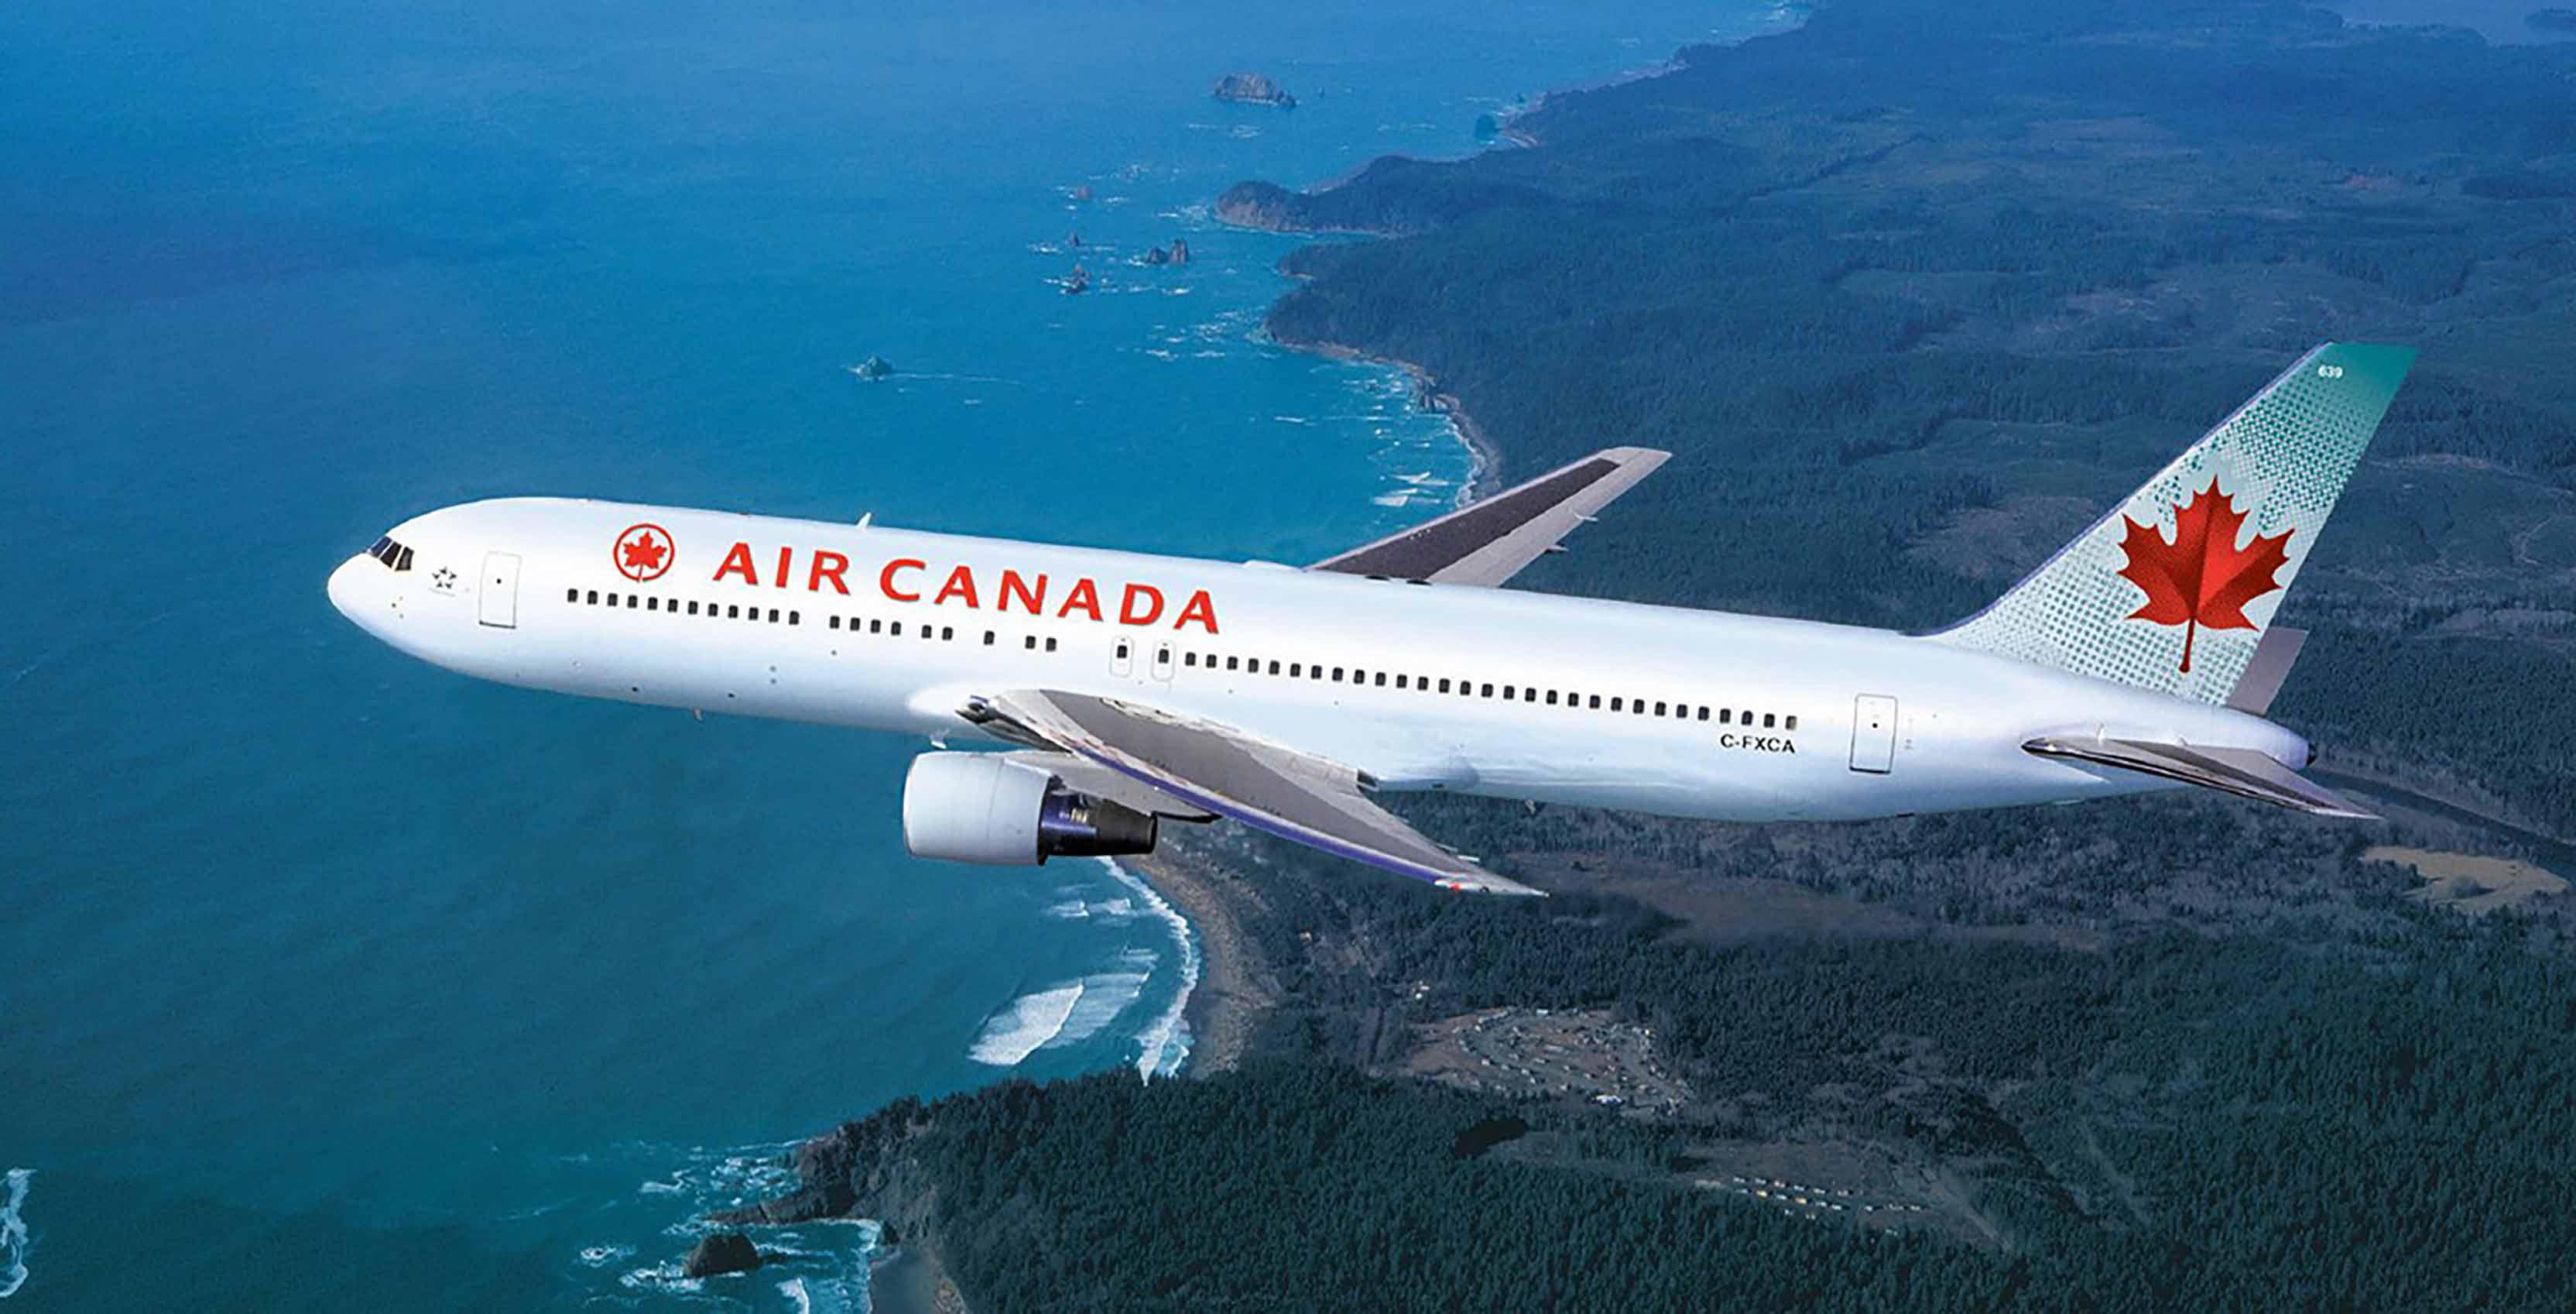 Air Canada plane in air